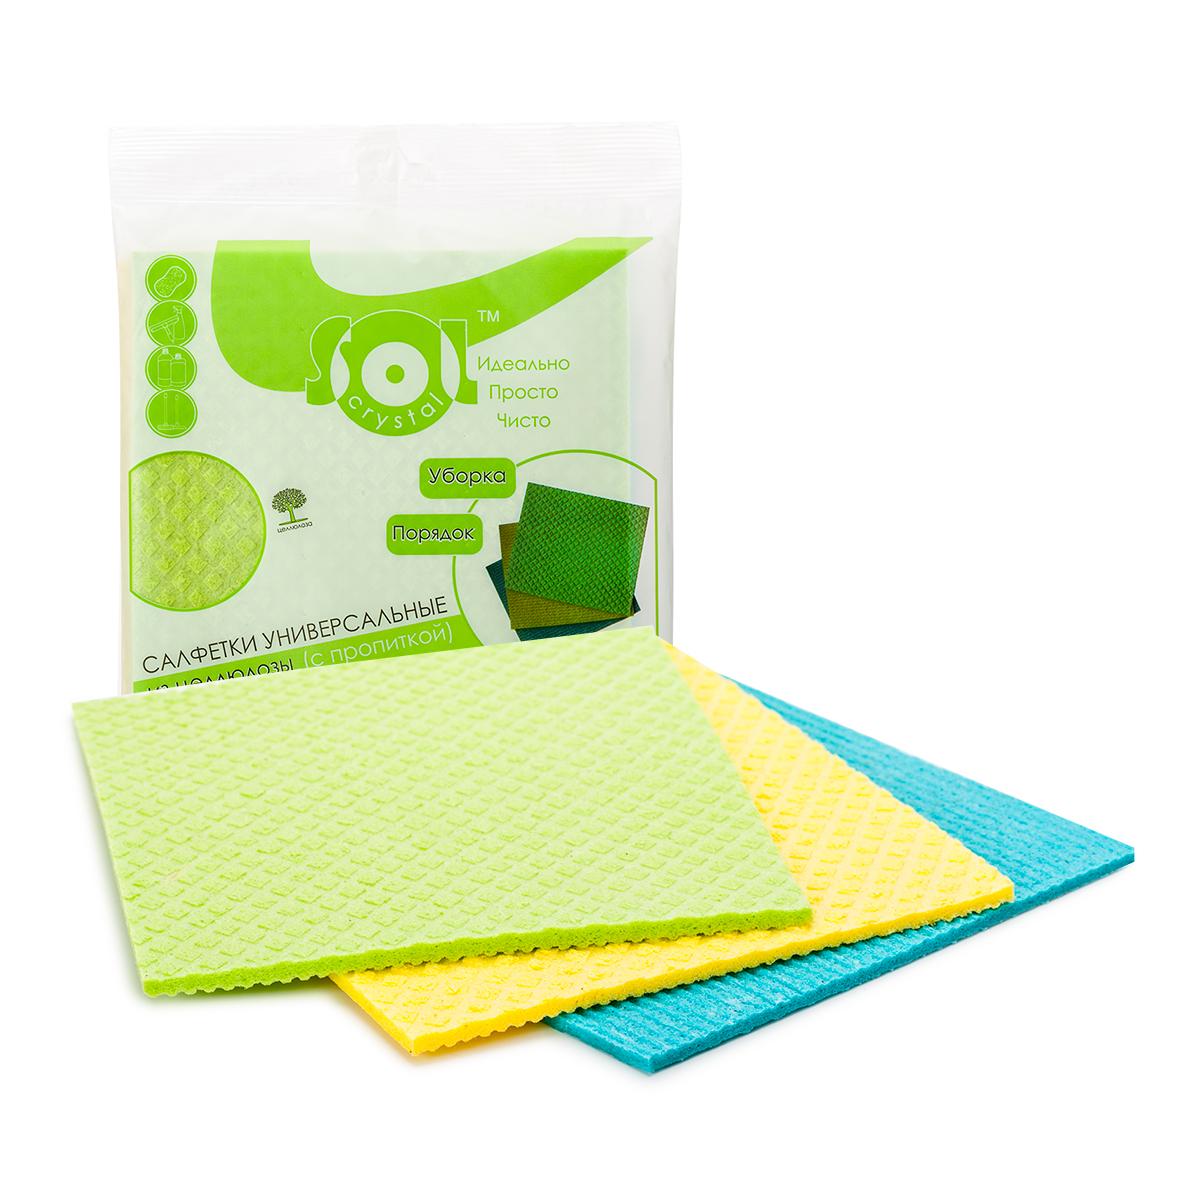 Салфетка для уборки Sol Crystal Cale, 18 x 20 см, 3 шт. 2000220002/20019Перфорированные салфетки с пропиткой для уборки Sol, выполненные из целлюлозы и хлопка, предназначены для уборки и могут применяться с различными моющими средствами. Эффективно впитывают жидкость. Мягкие и прочные, легко отжимаются и быстро сохнут.